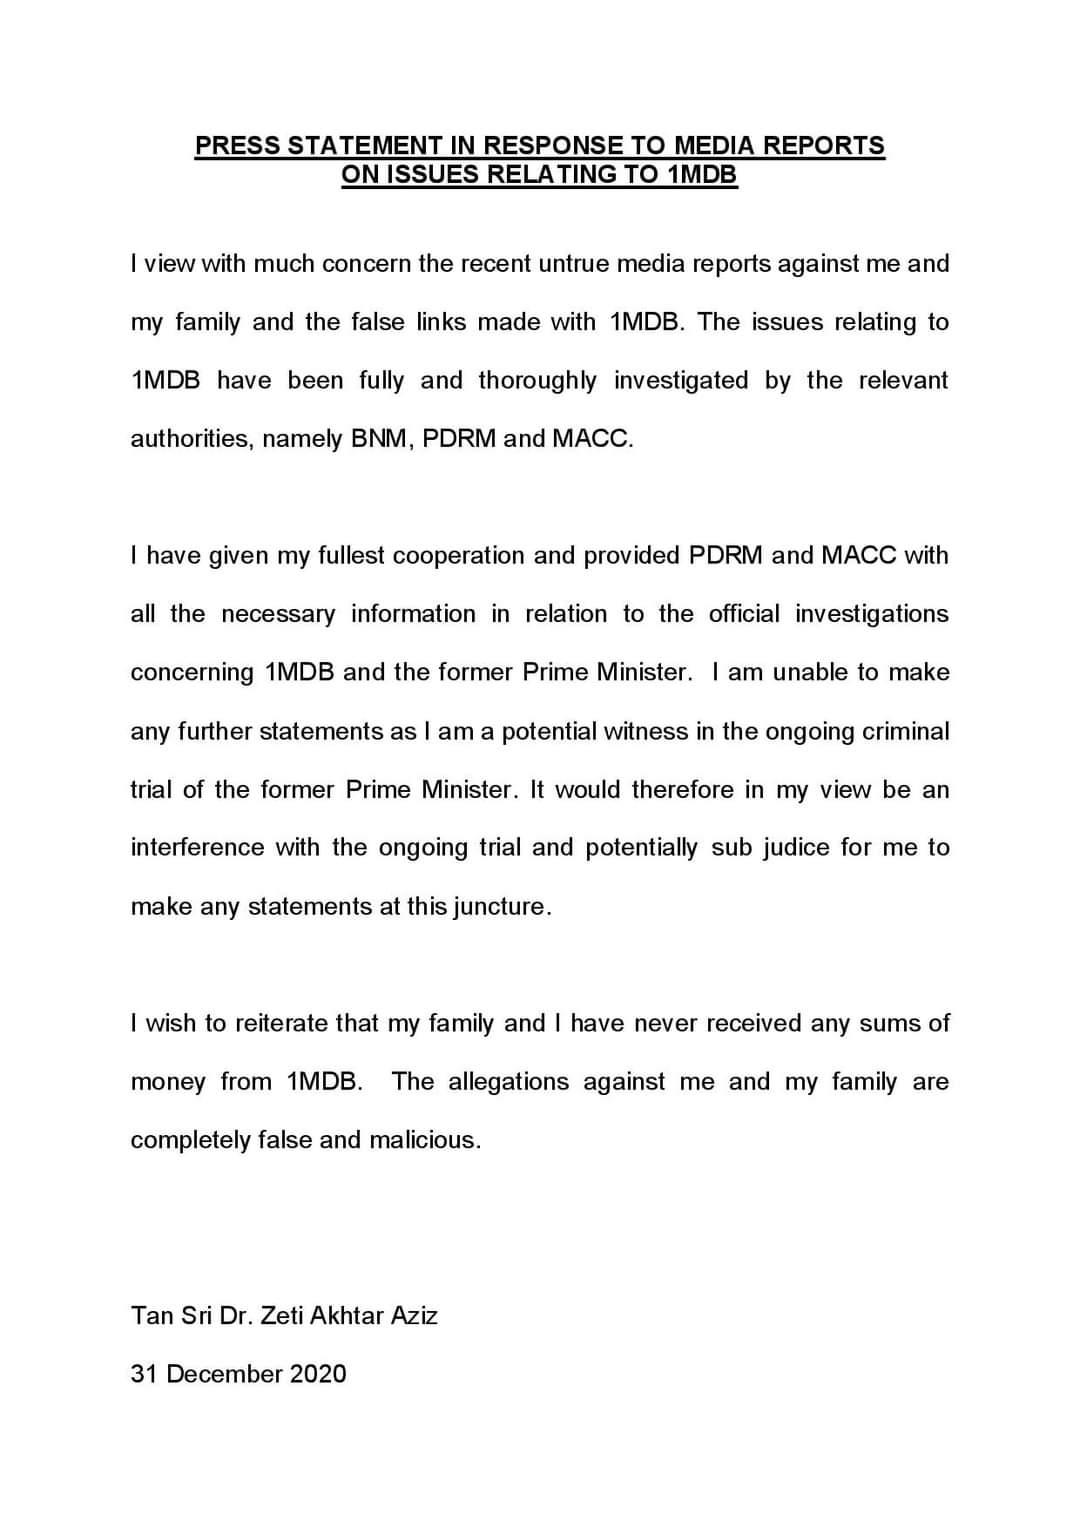 洁蒂否认家属曾收取刘特佐资金指控